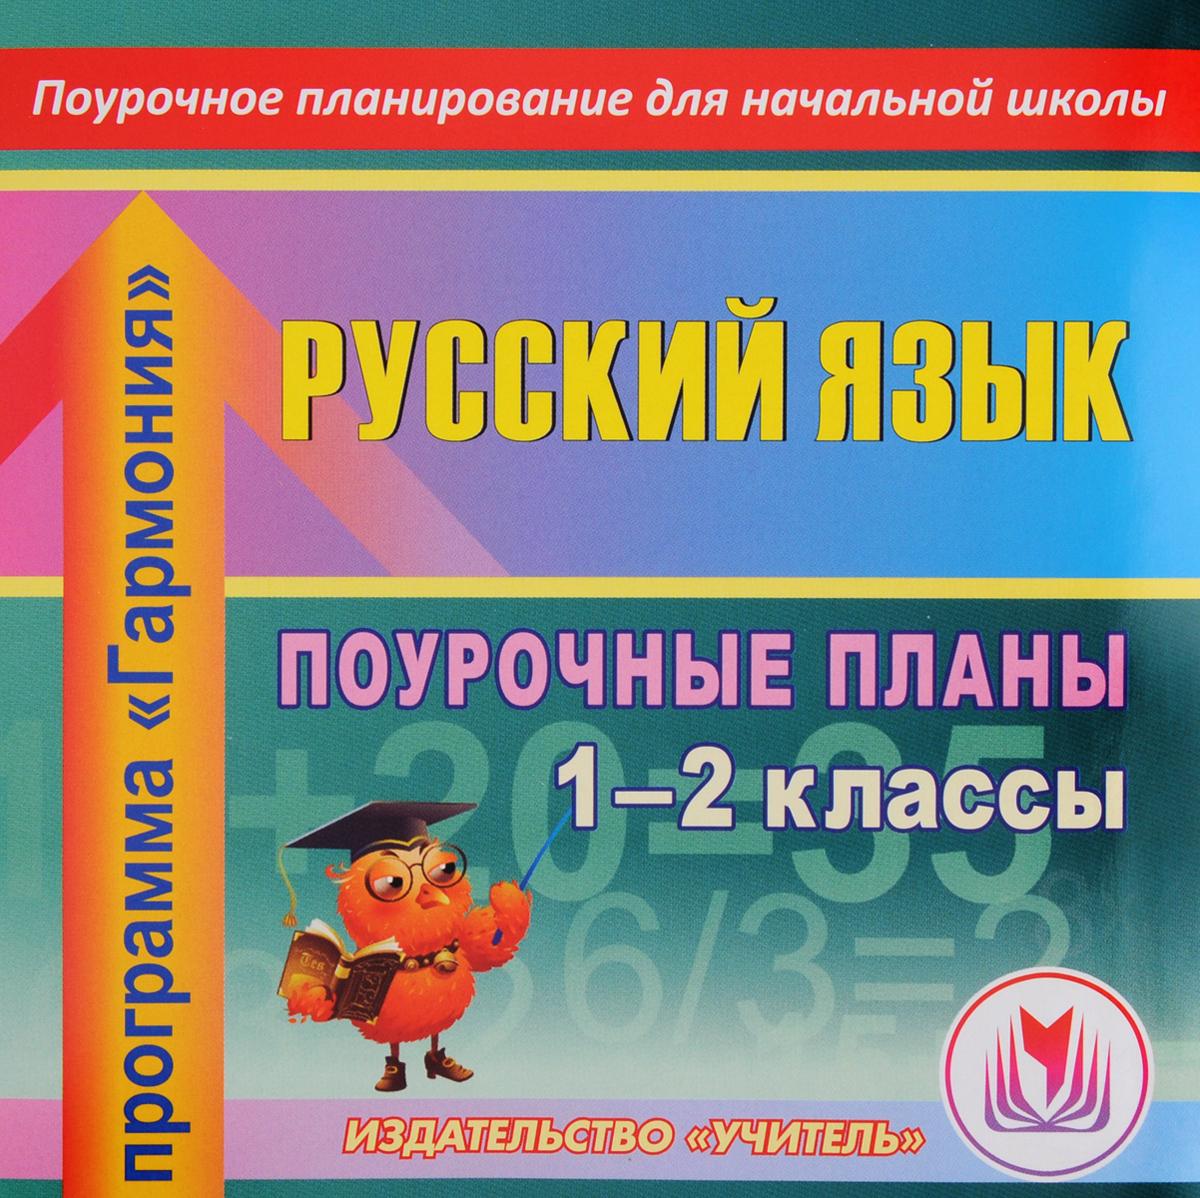 Русский язык. 1-2 классы. Поурочные планы по программе Гармония